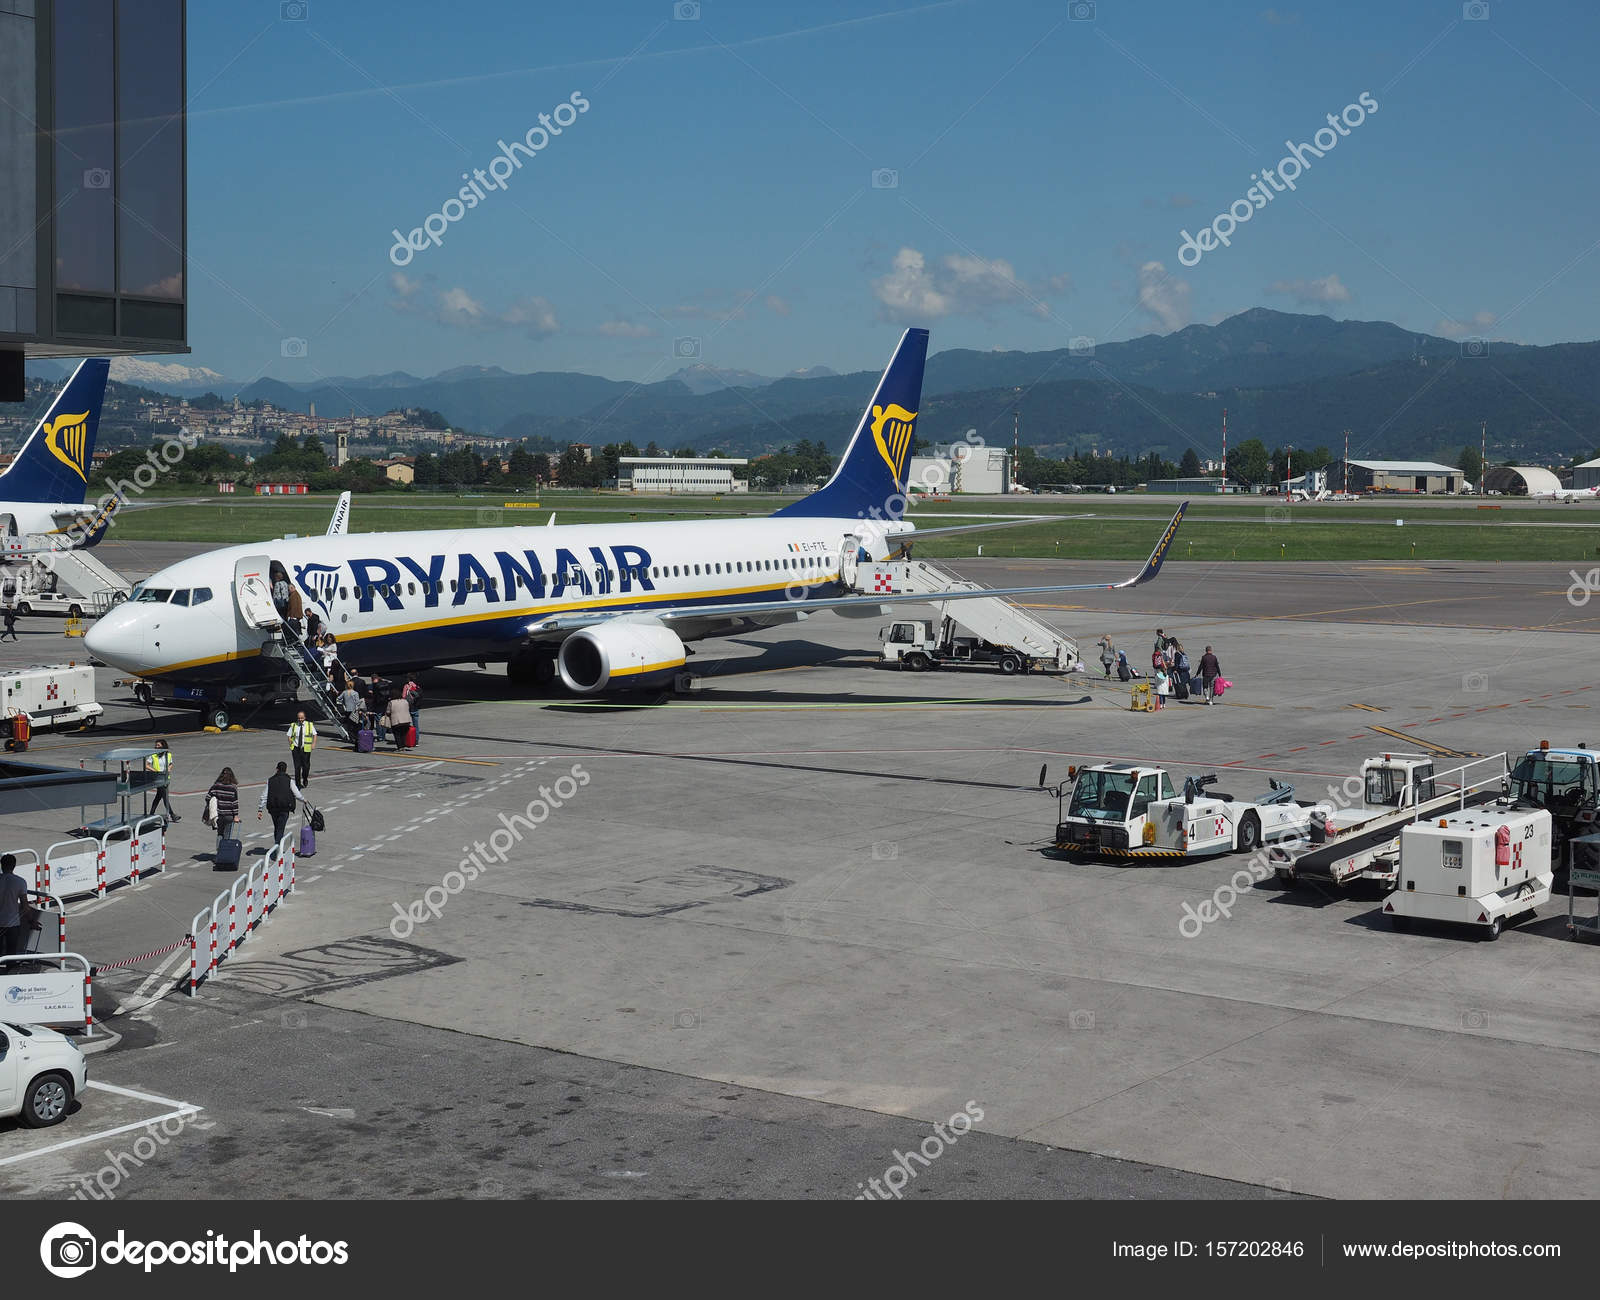 Aeroporto Orio : Orio al serio photos places and hotels u gotravelaz